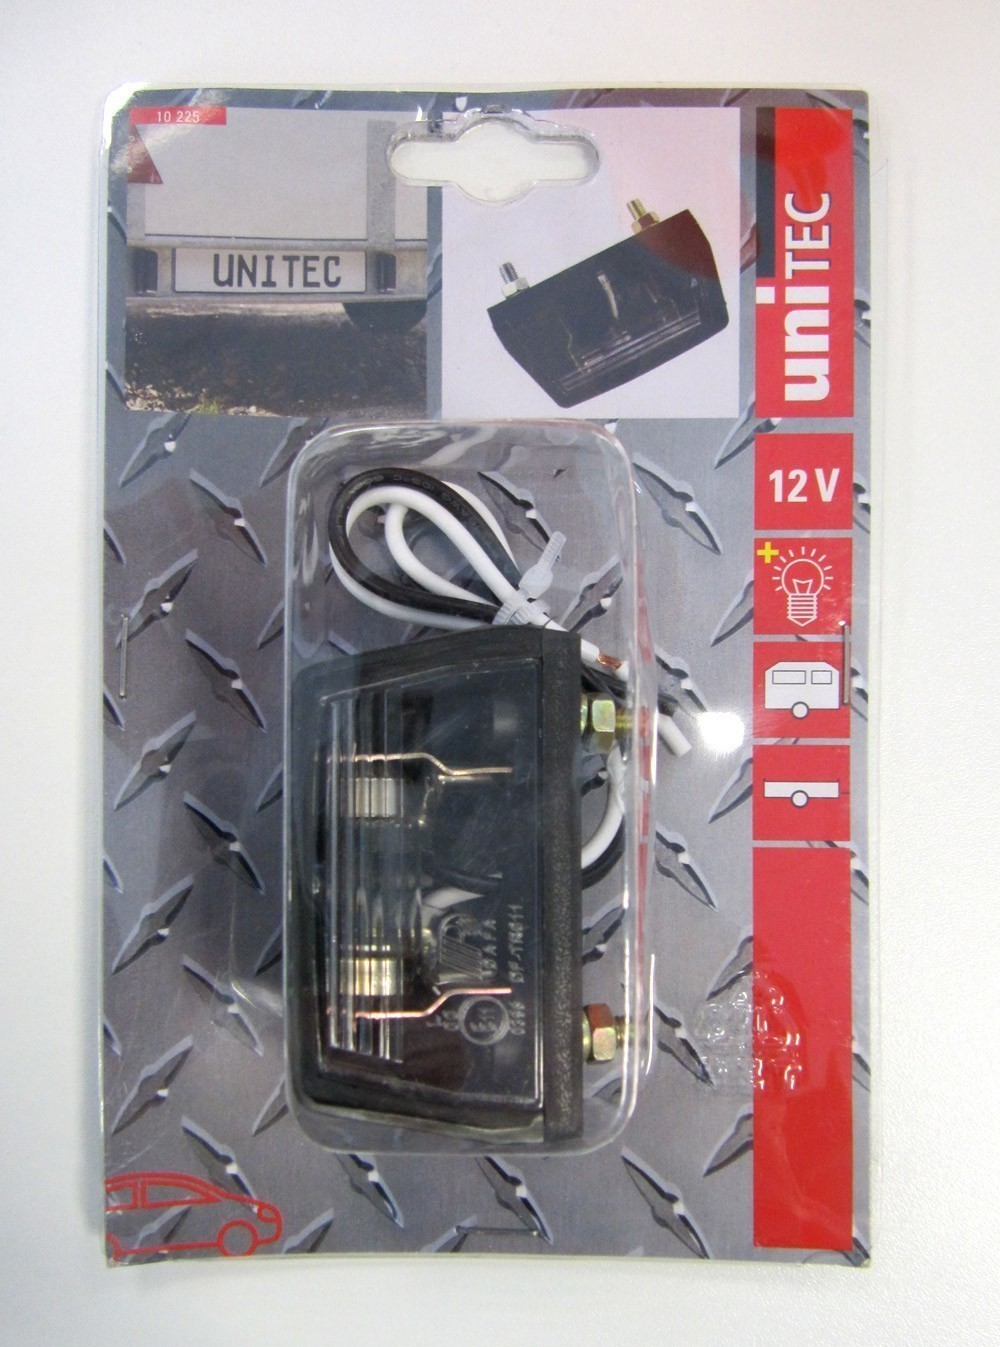 Kennzeichenbeleuchtung klein 12 V / Anhänger Zubehör / Beleuchtung Bild 1